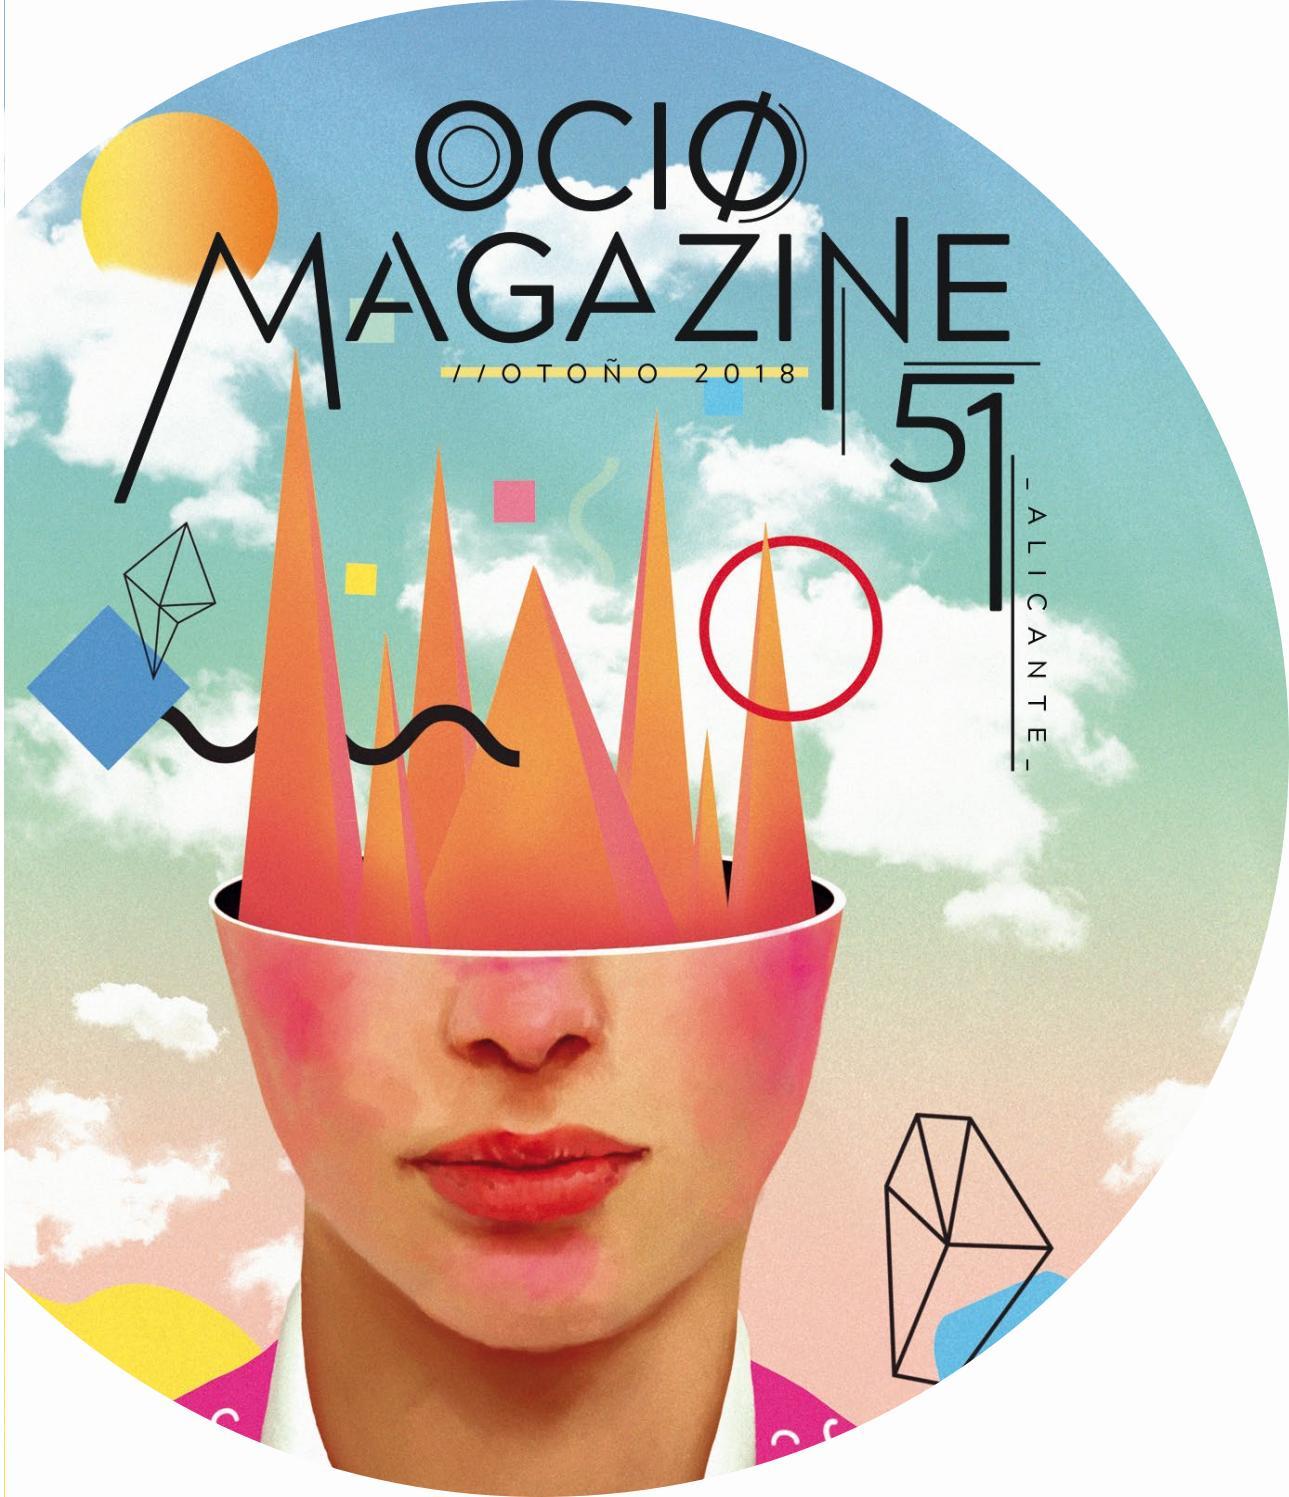 a60443354c Ocio Magazine Alicante #51 by Ocio Magazine - issuu